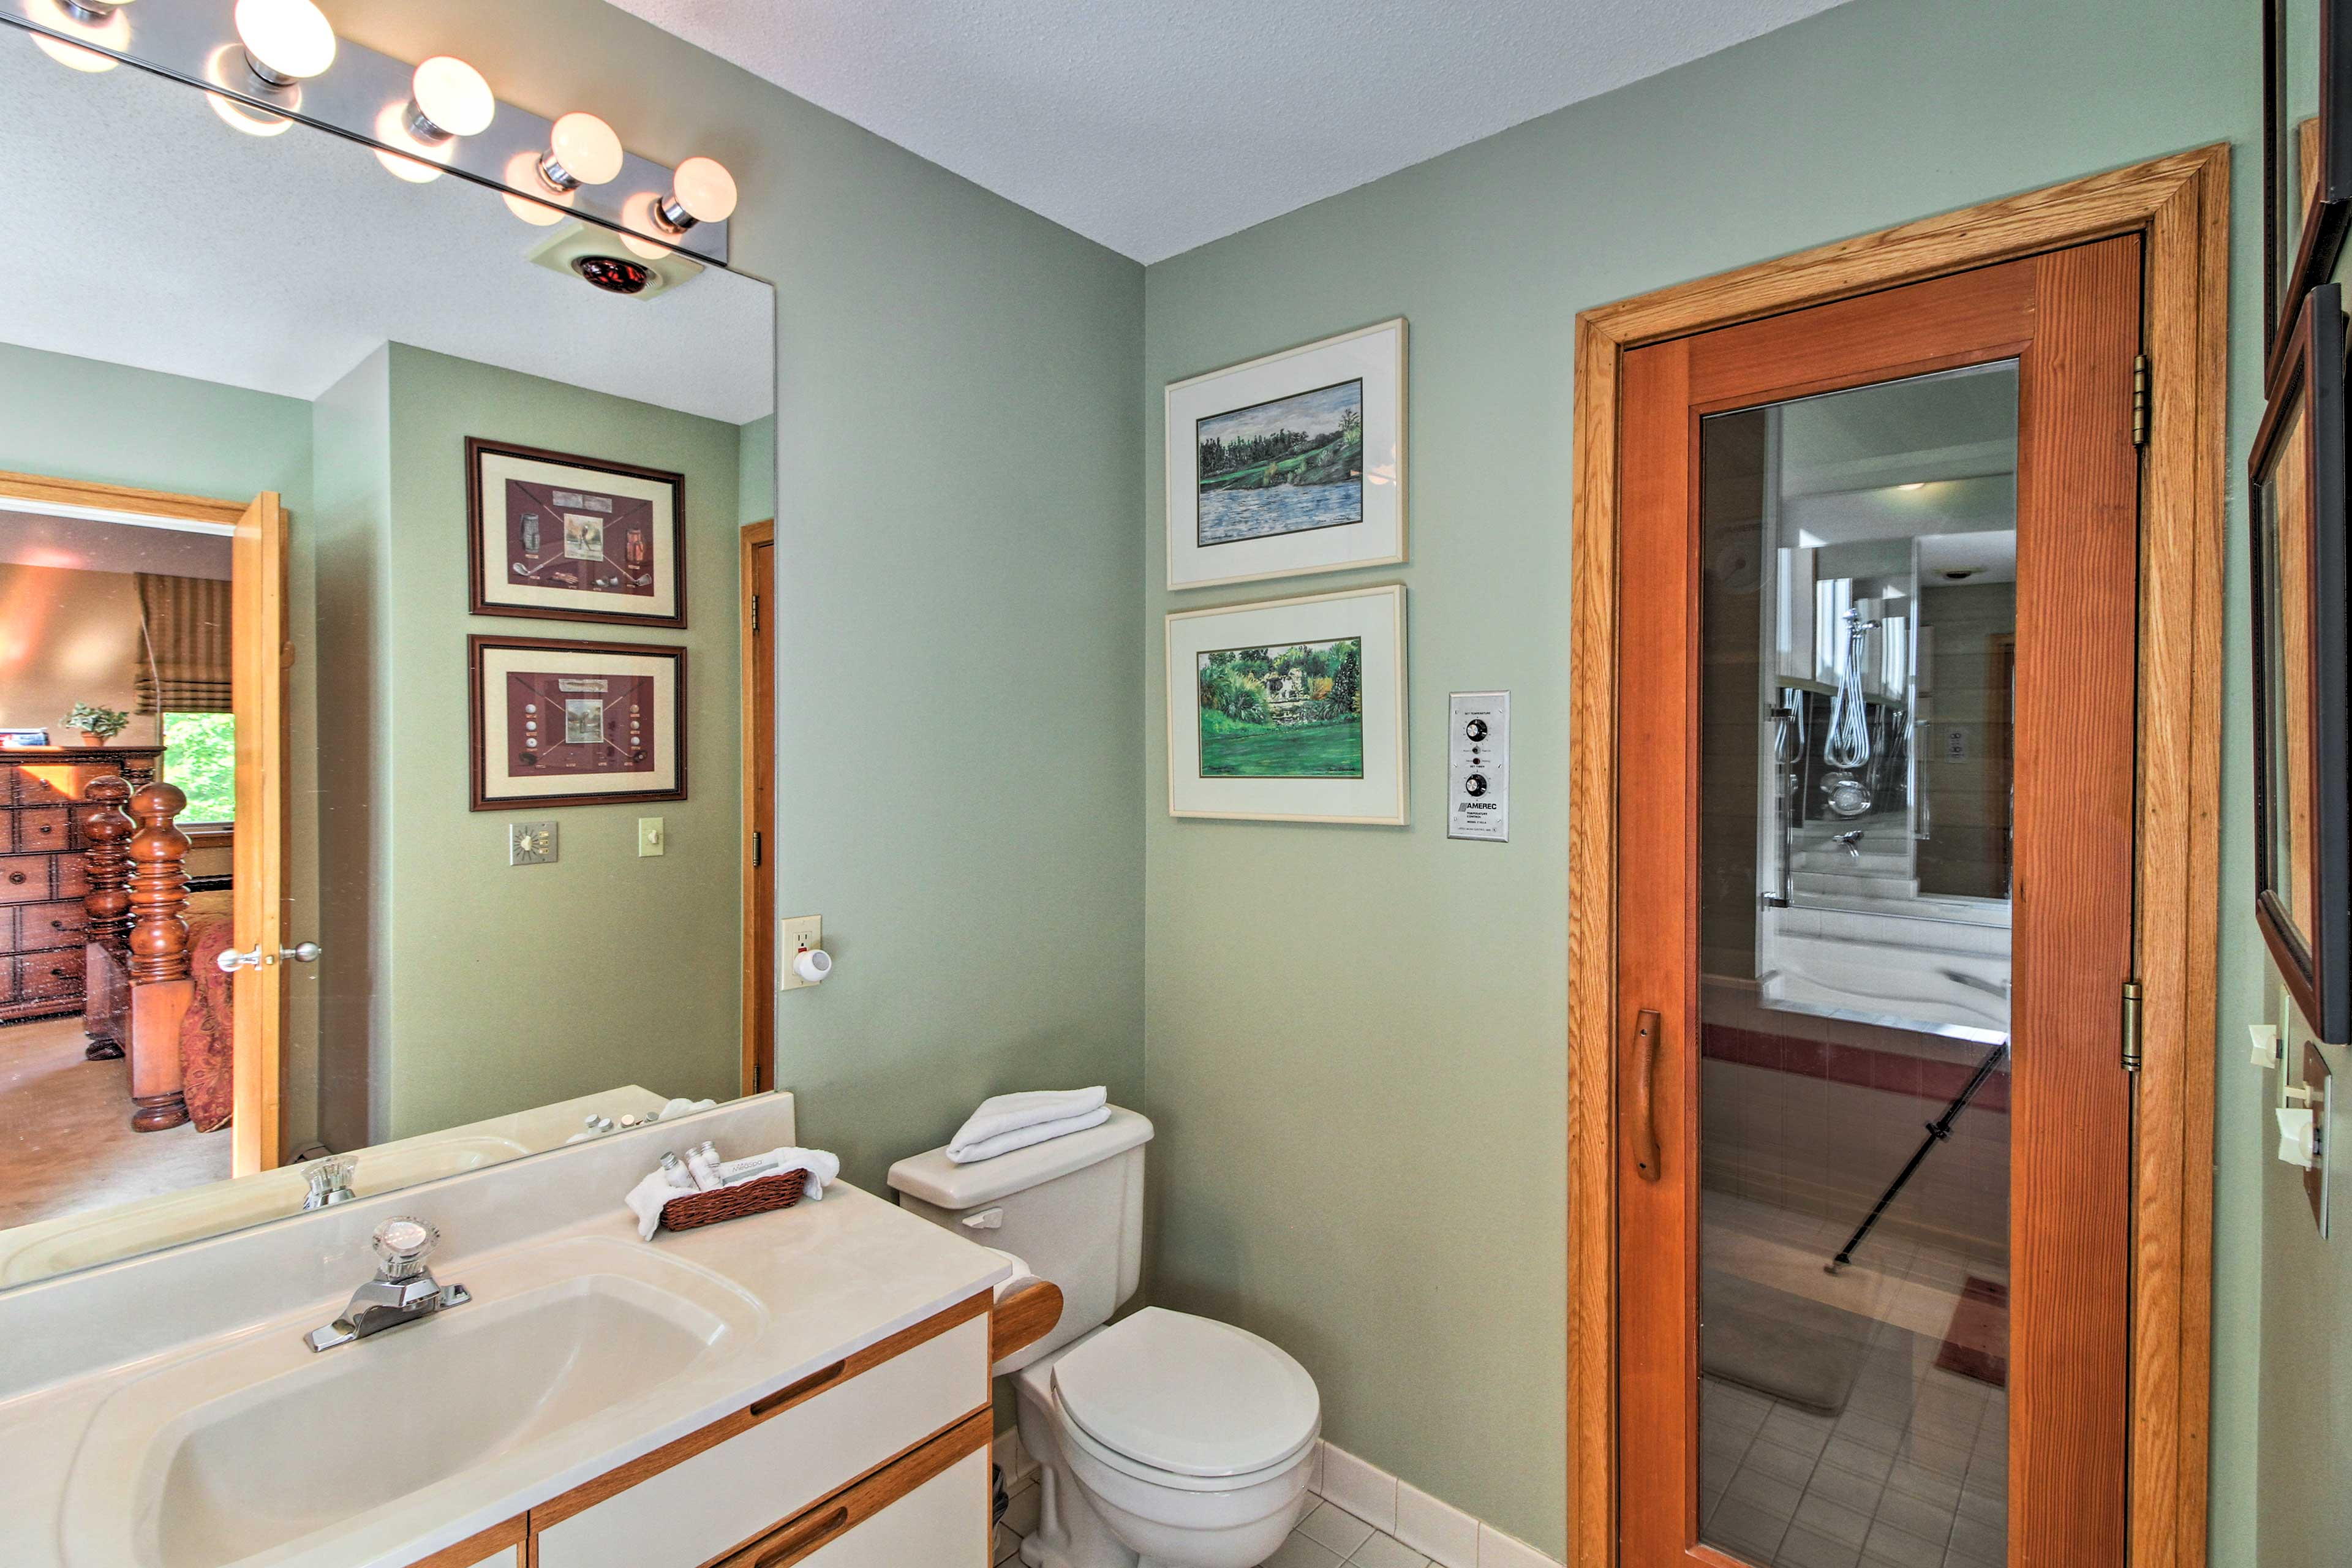 En-Suite Bathroom | Jetted Tub | Walk-In Shower